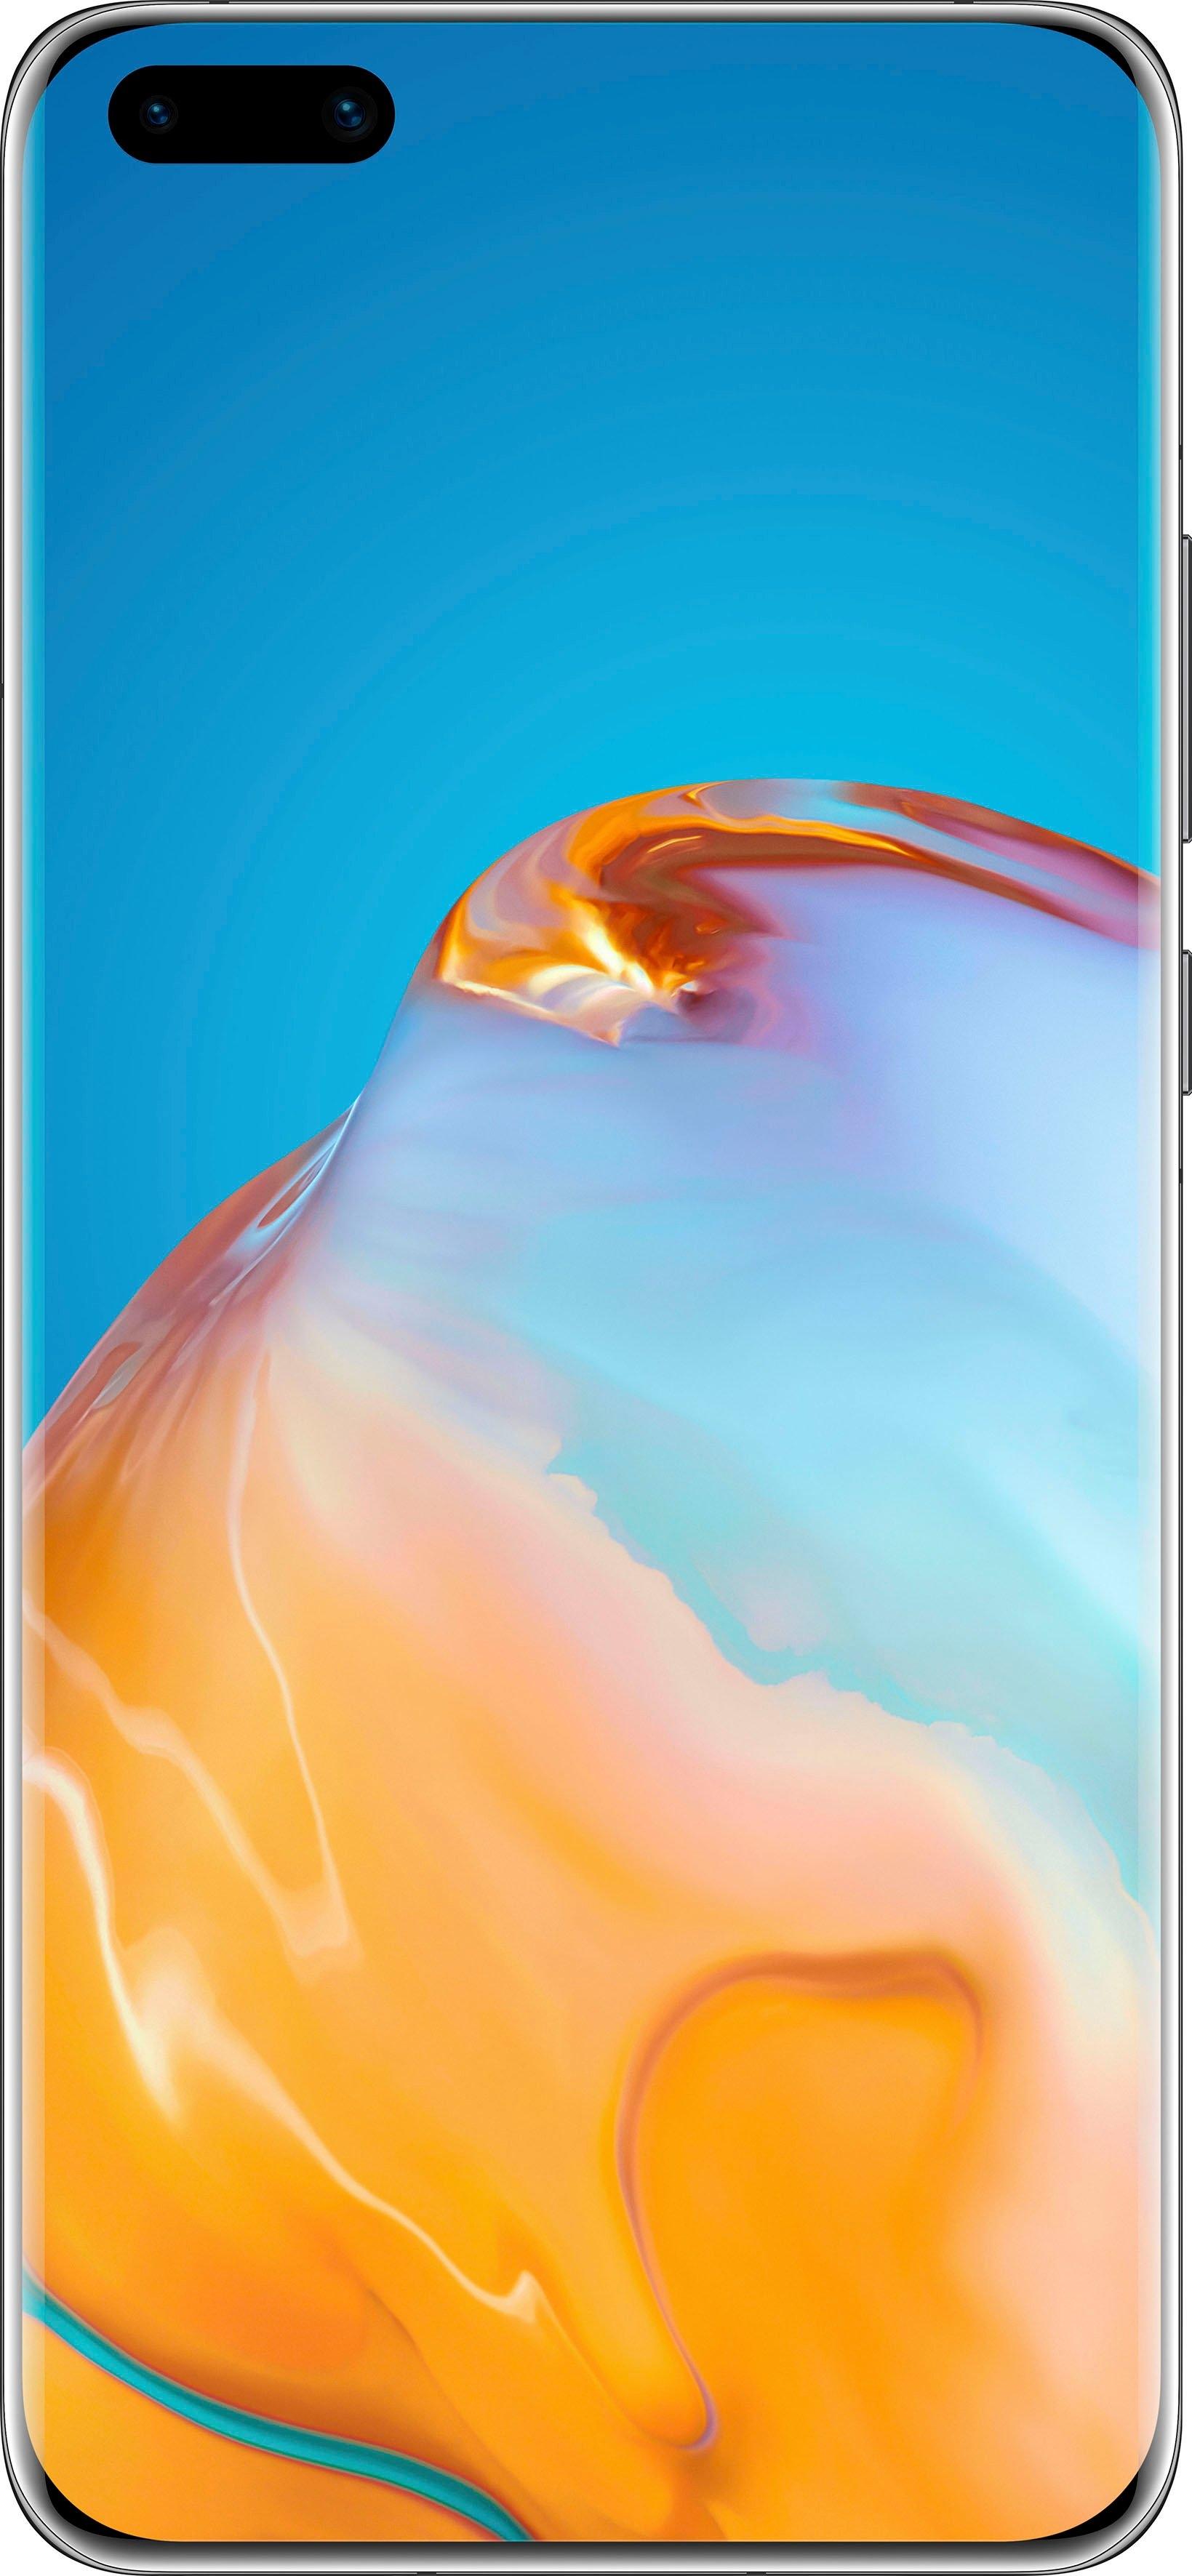 Op zoek naar een Huawei »P40 Pro+ 5G« smartphone? Koop online bij OTTO